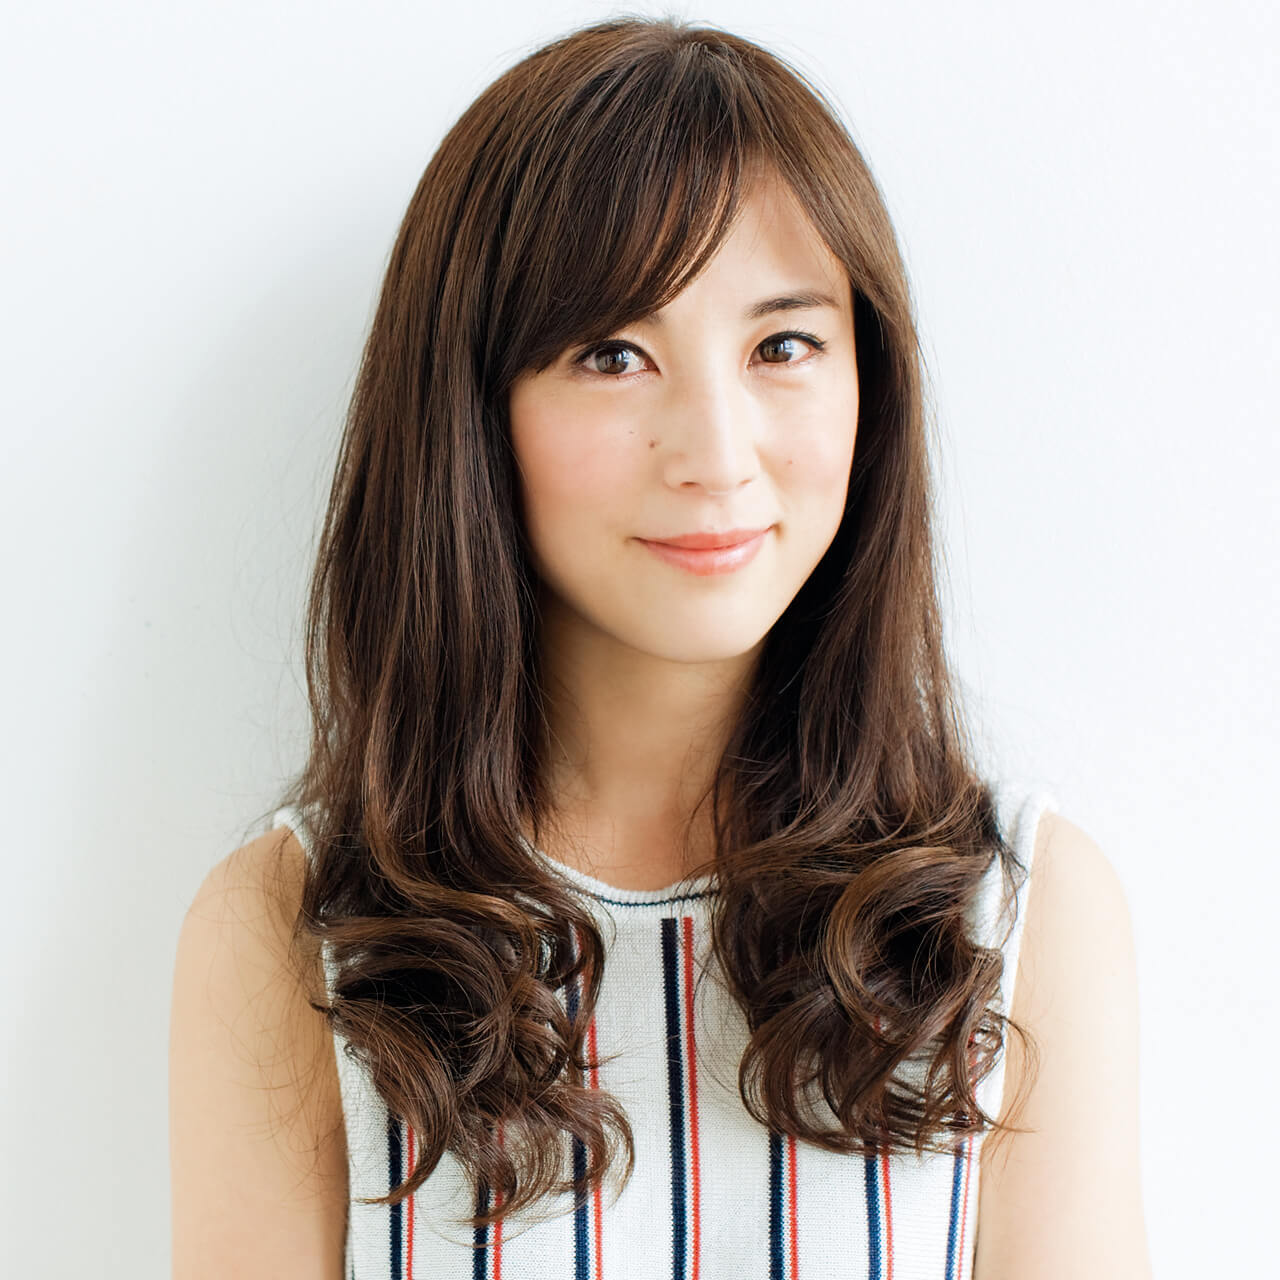 40代を過ぎると顔がやせて面長に見えがち、そこで前髪を深く作り、前髪:目下の顔=1:1の比率に近づけて。長さとのバランスがよくなり、面長感を解消。